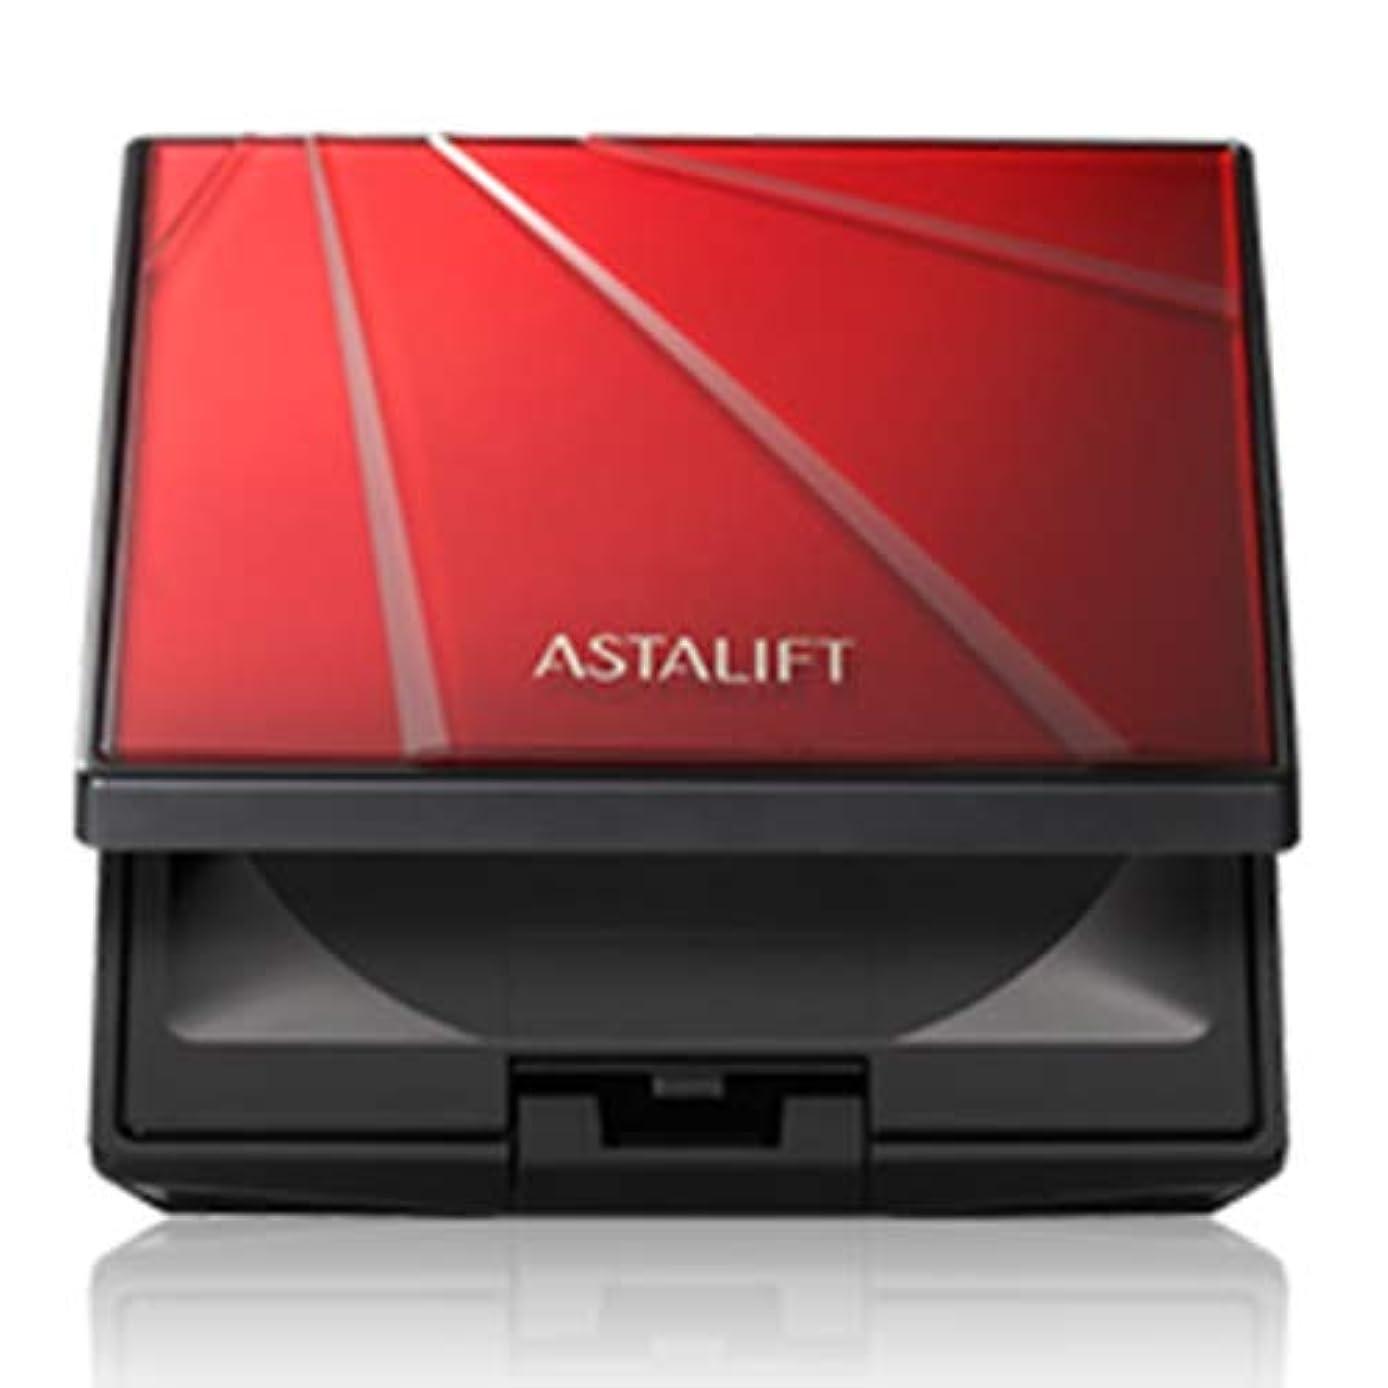 最小化する体操選手前進ASTALIFT(アスタリフト) ライティングパーフェクション プレストパウダー用ケース